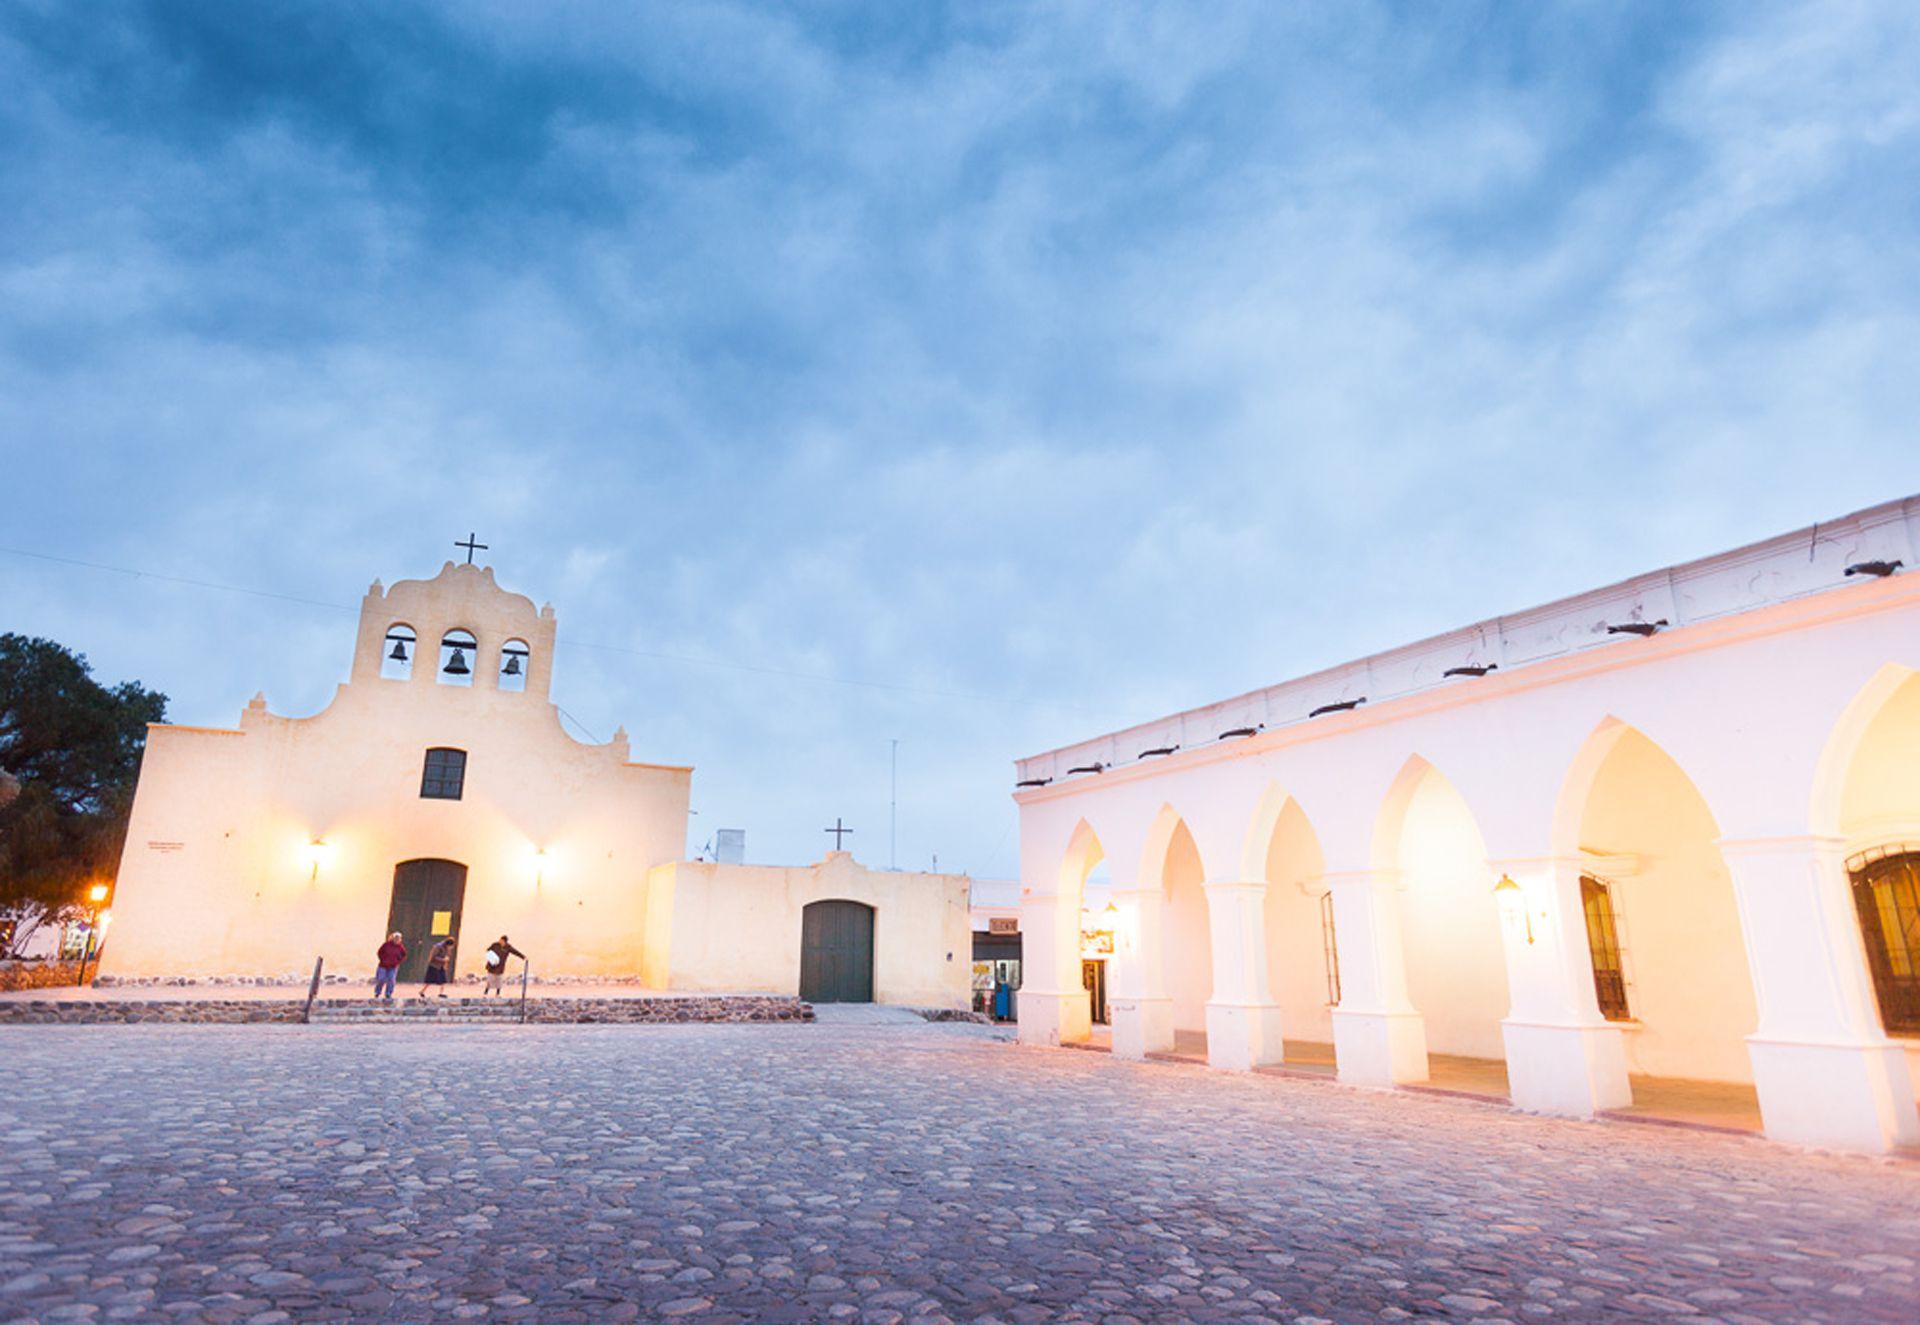 Cachi es un Pueblo Auténtico de arquitectura colonial lleno de encanto (Foto: Celine Frers)